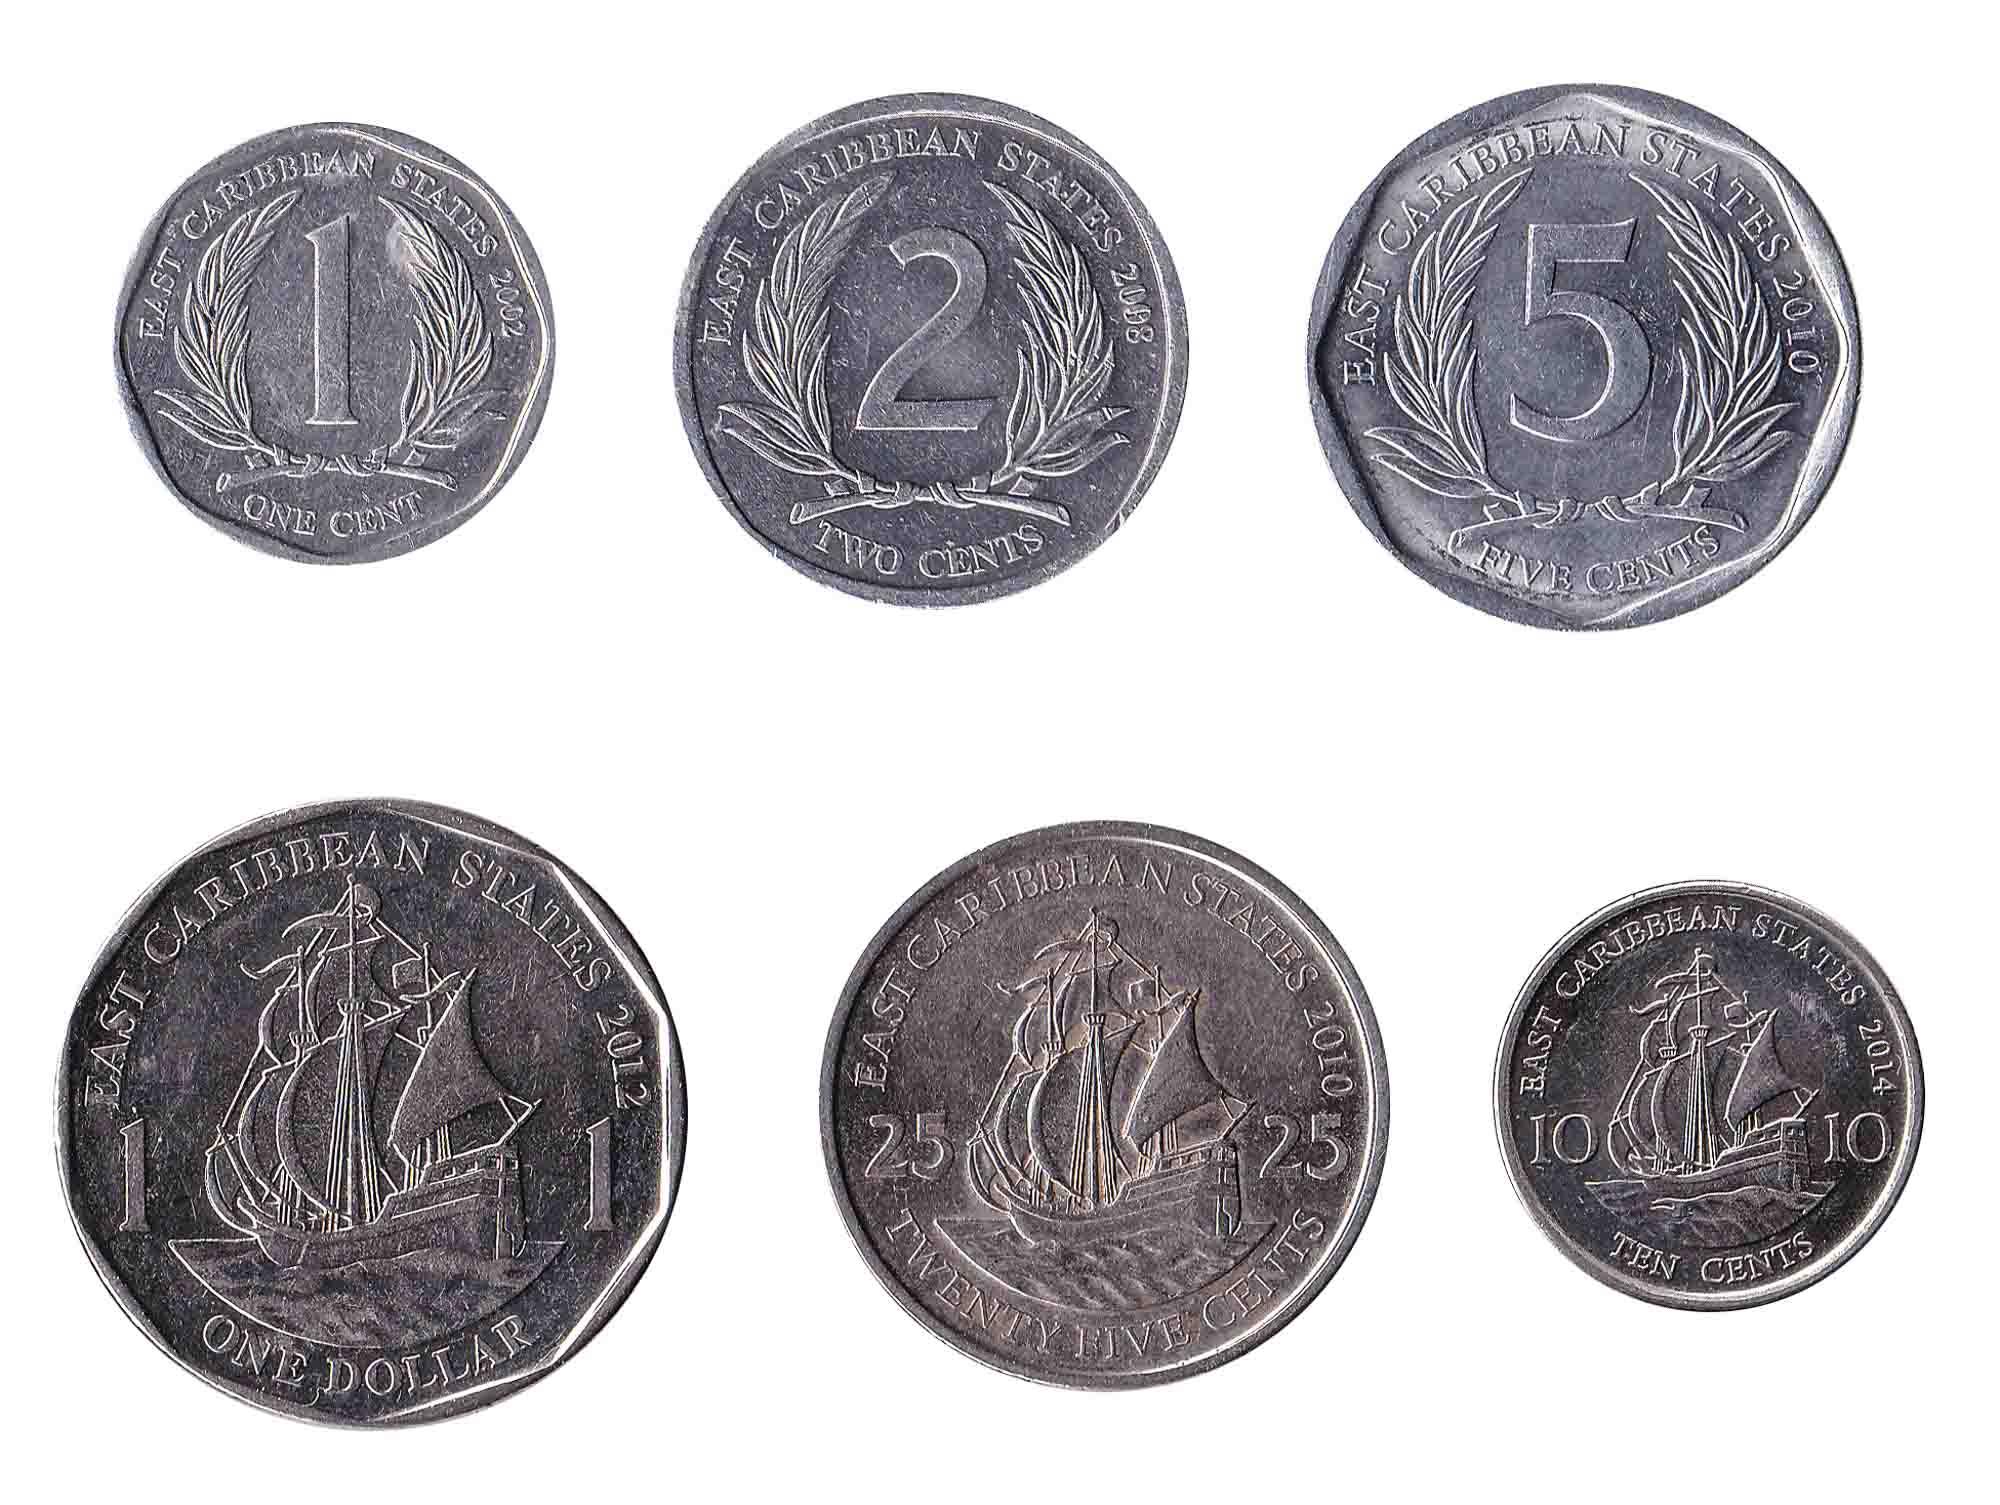 Eastern Caribbean dollar coins